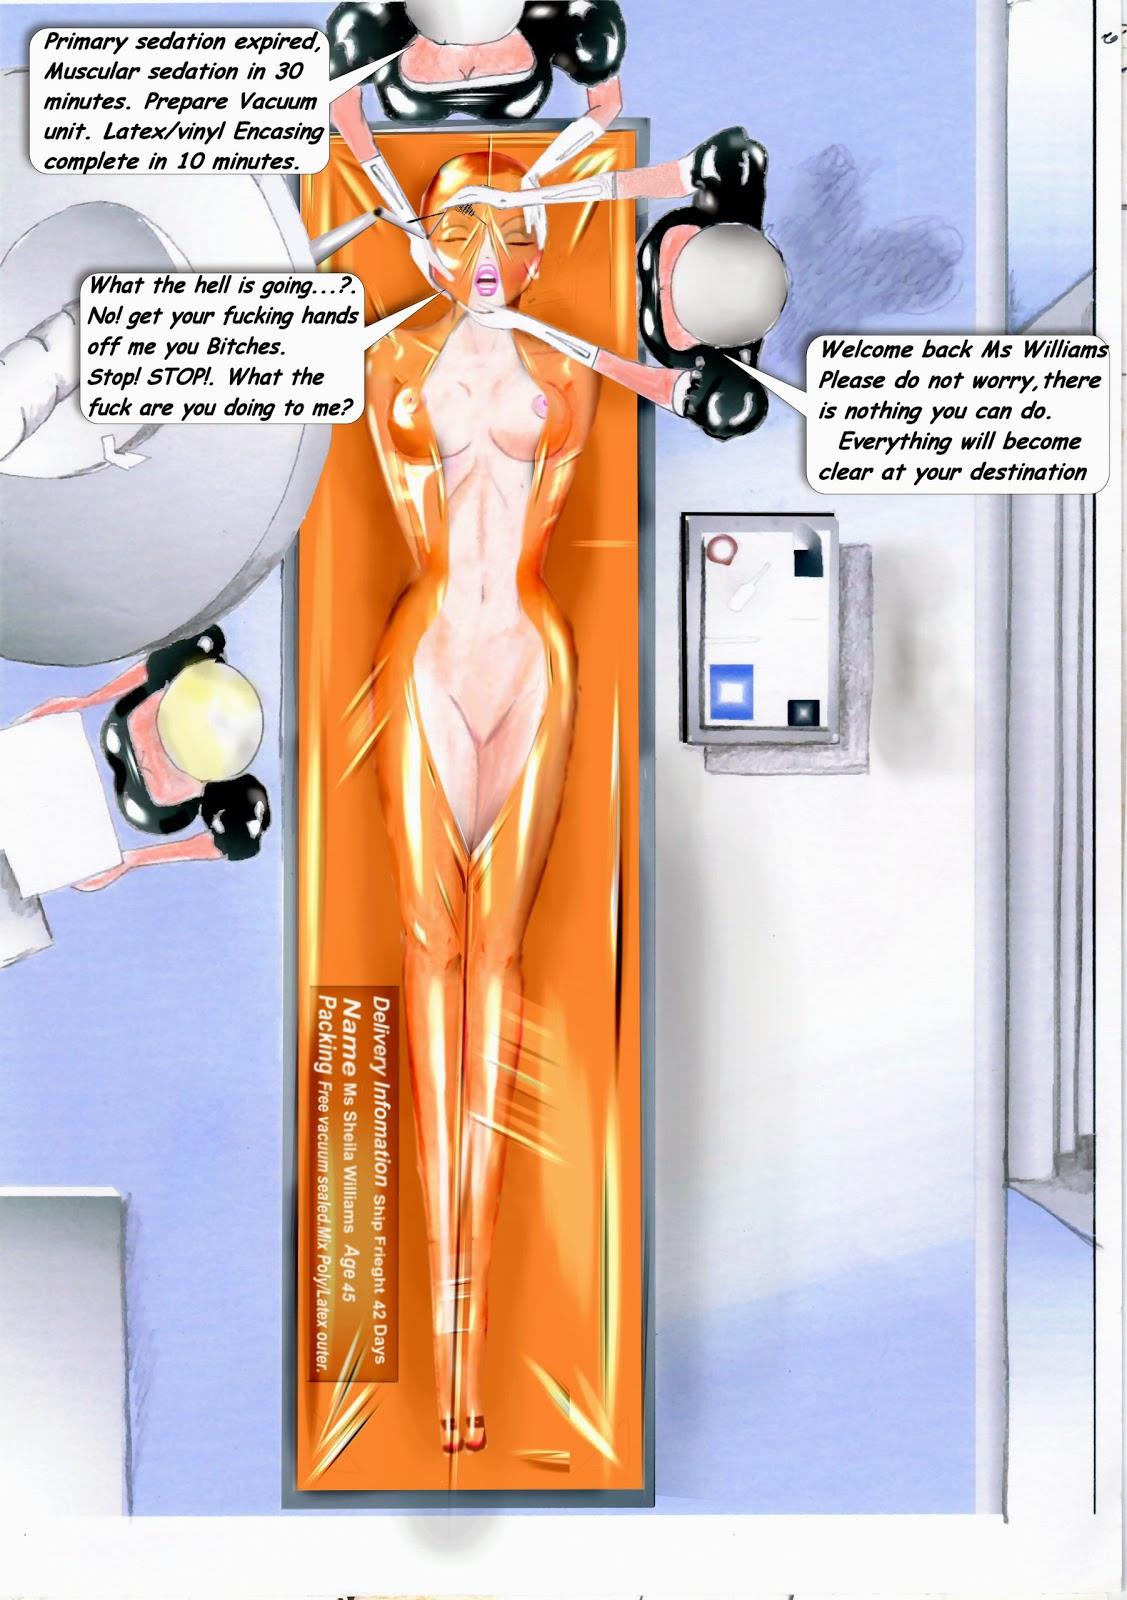 Vacuum bed bondage cartoon